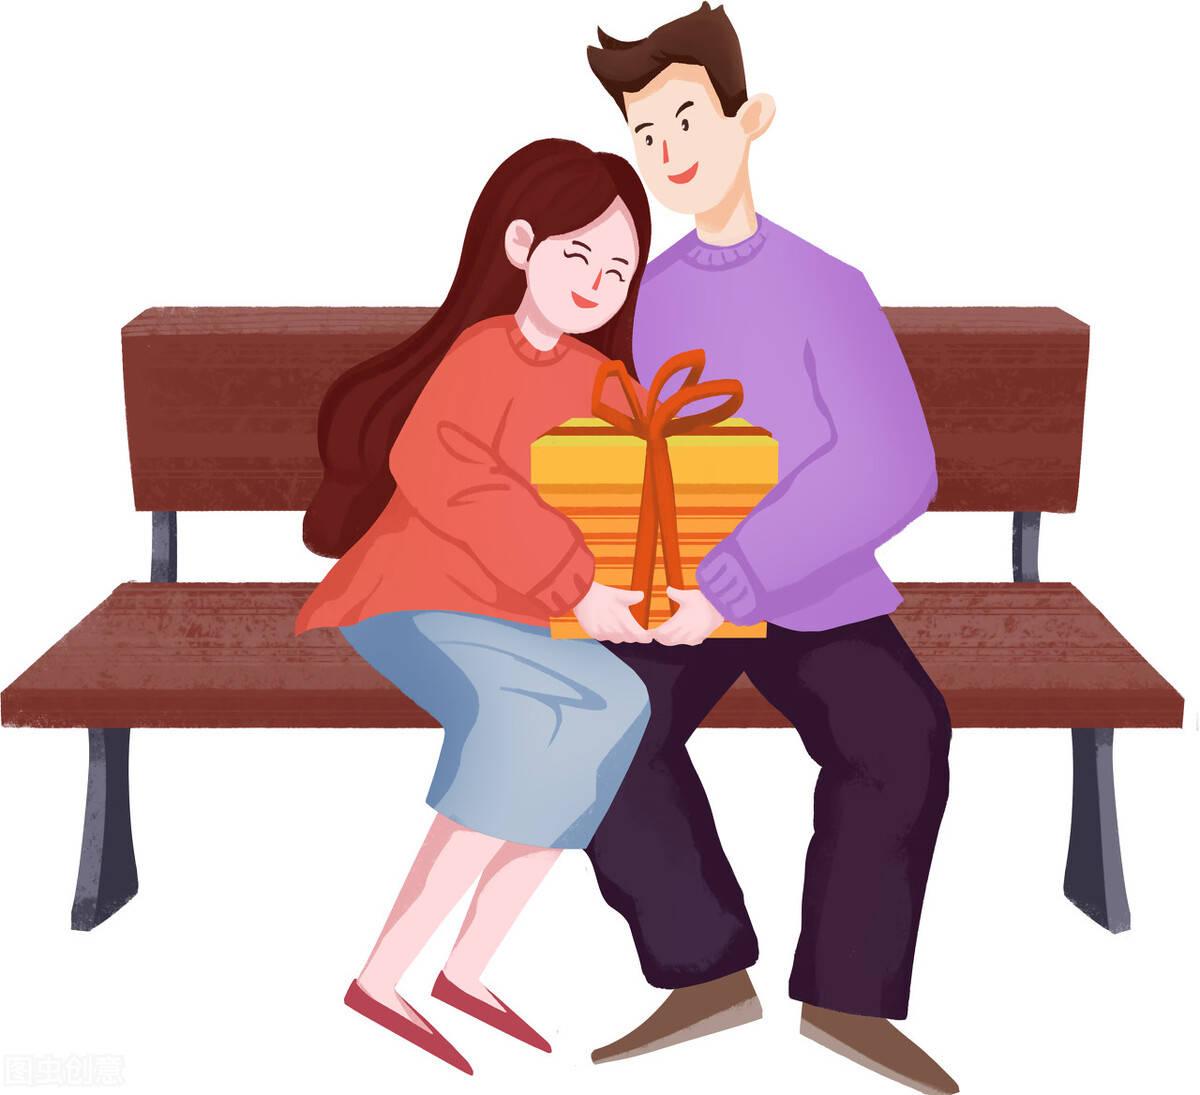 父母嫌我男朋友个子矮 老公太矮结婚后后悔了